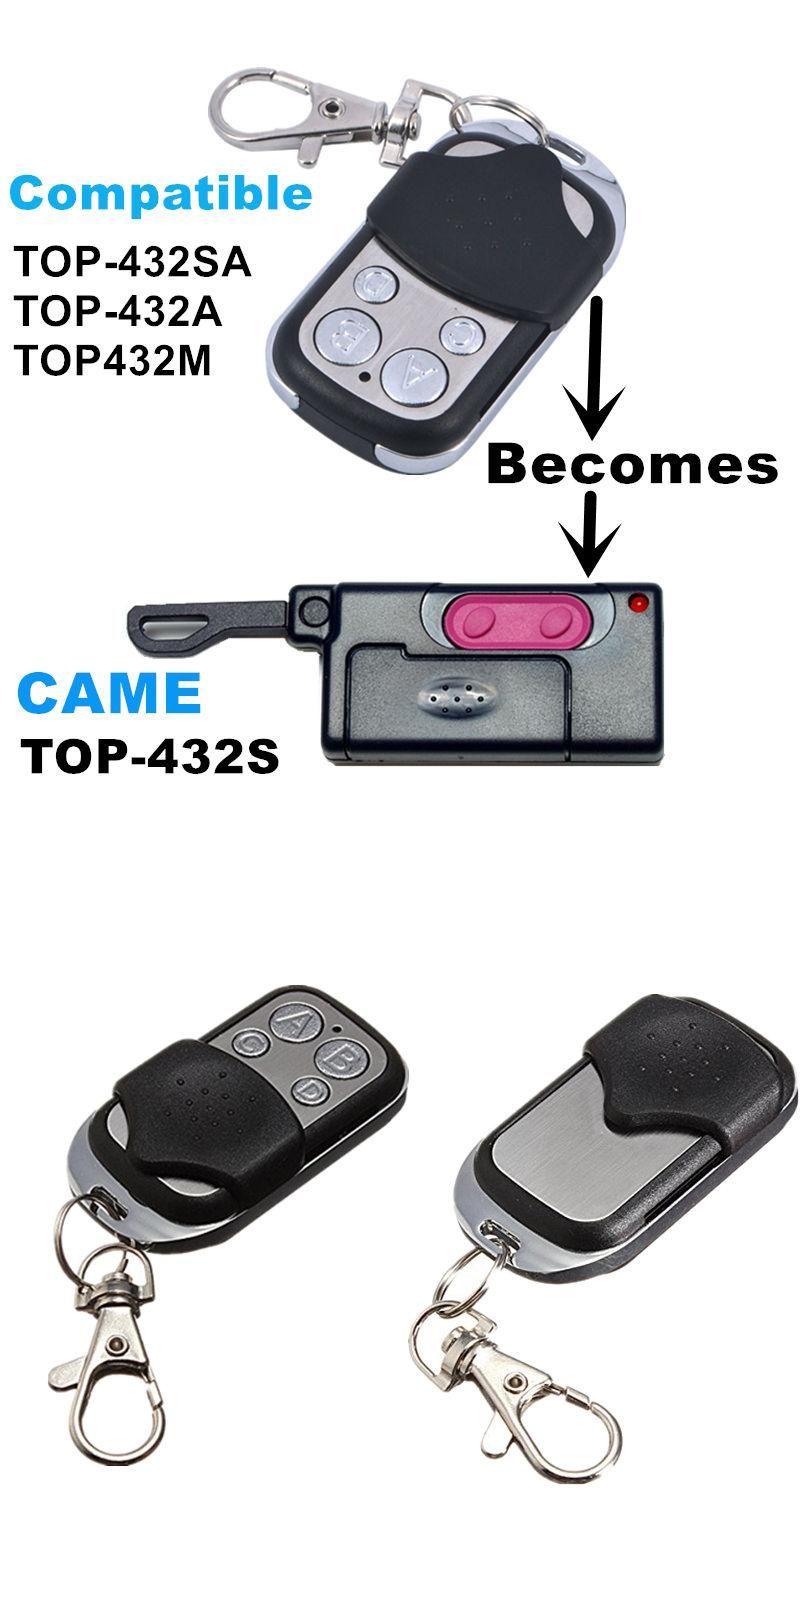 433 Copy CAME TOP-432S Duplicator 433.92 mhz remote control Universal Garage Door Gate Fob Remote Clone 433mhz fixed code  sc 1 st  Pinterest & 433 Copy CAME TOP-432S Duplicator 433.92 mhz remote control ...